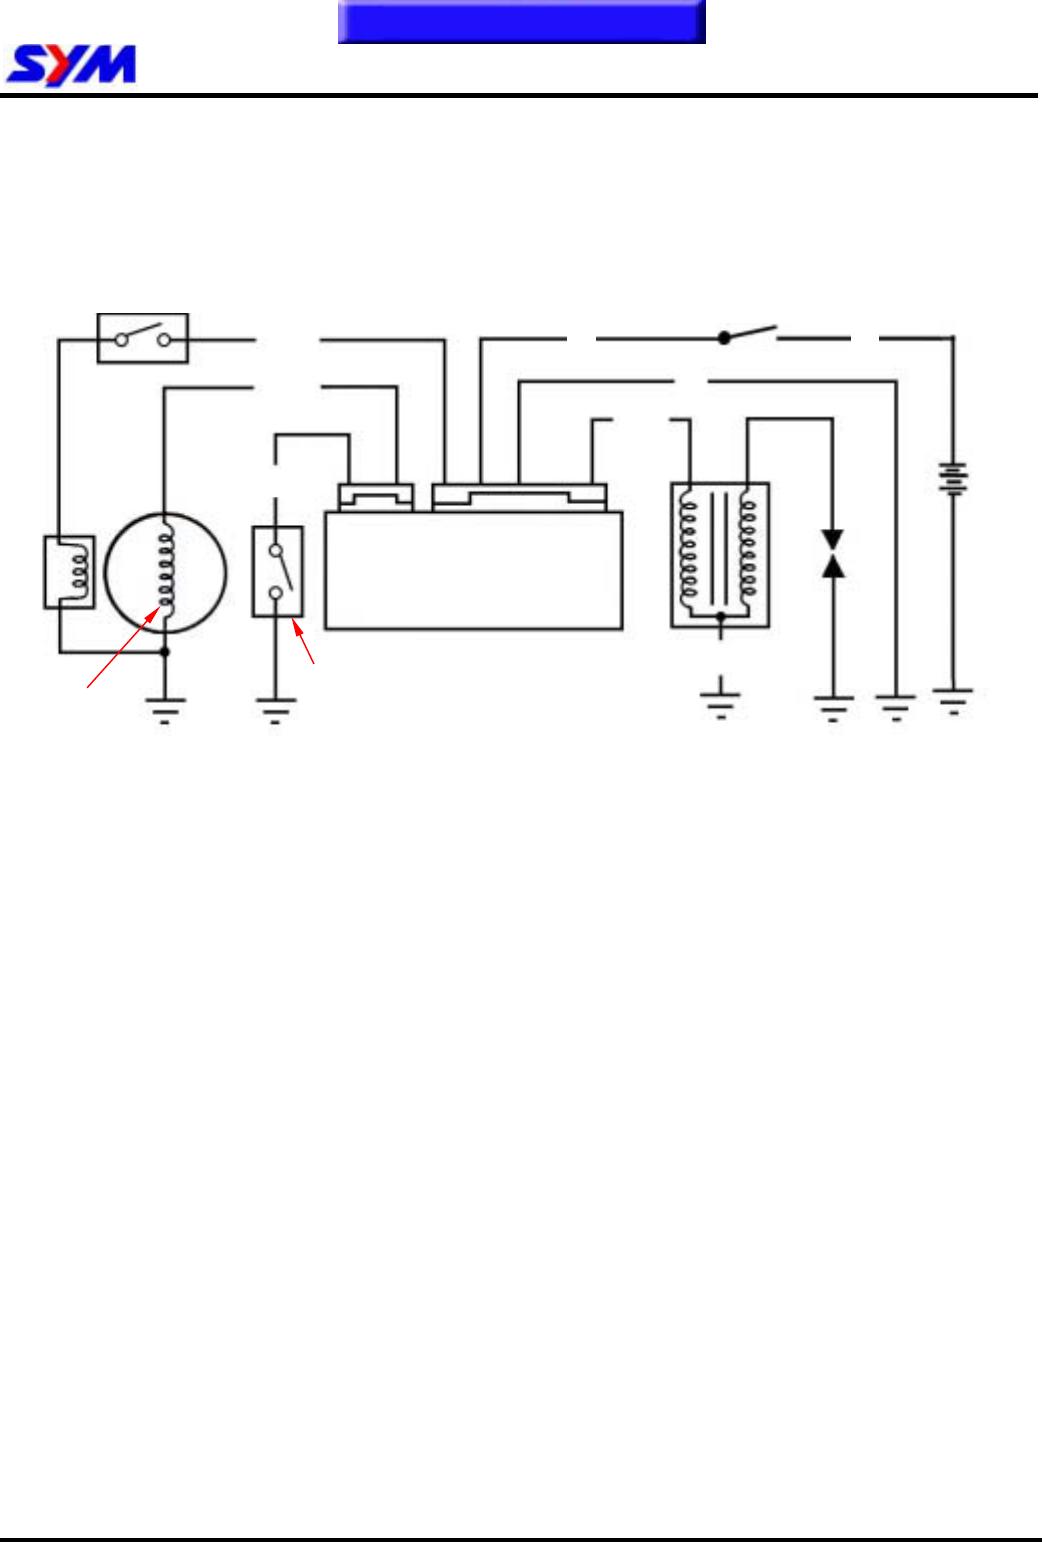 WRG-2833] Sym Cdi Wiring Diagram on